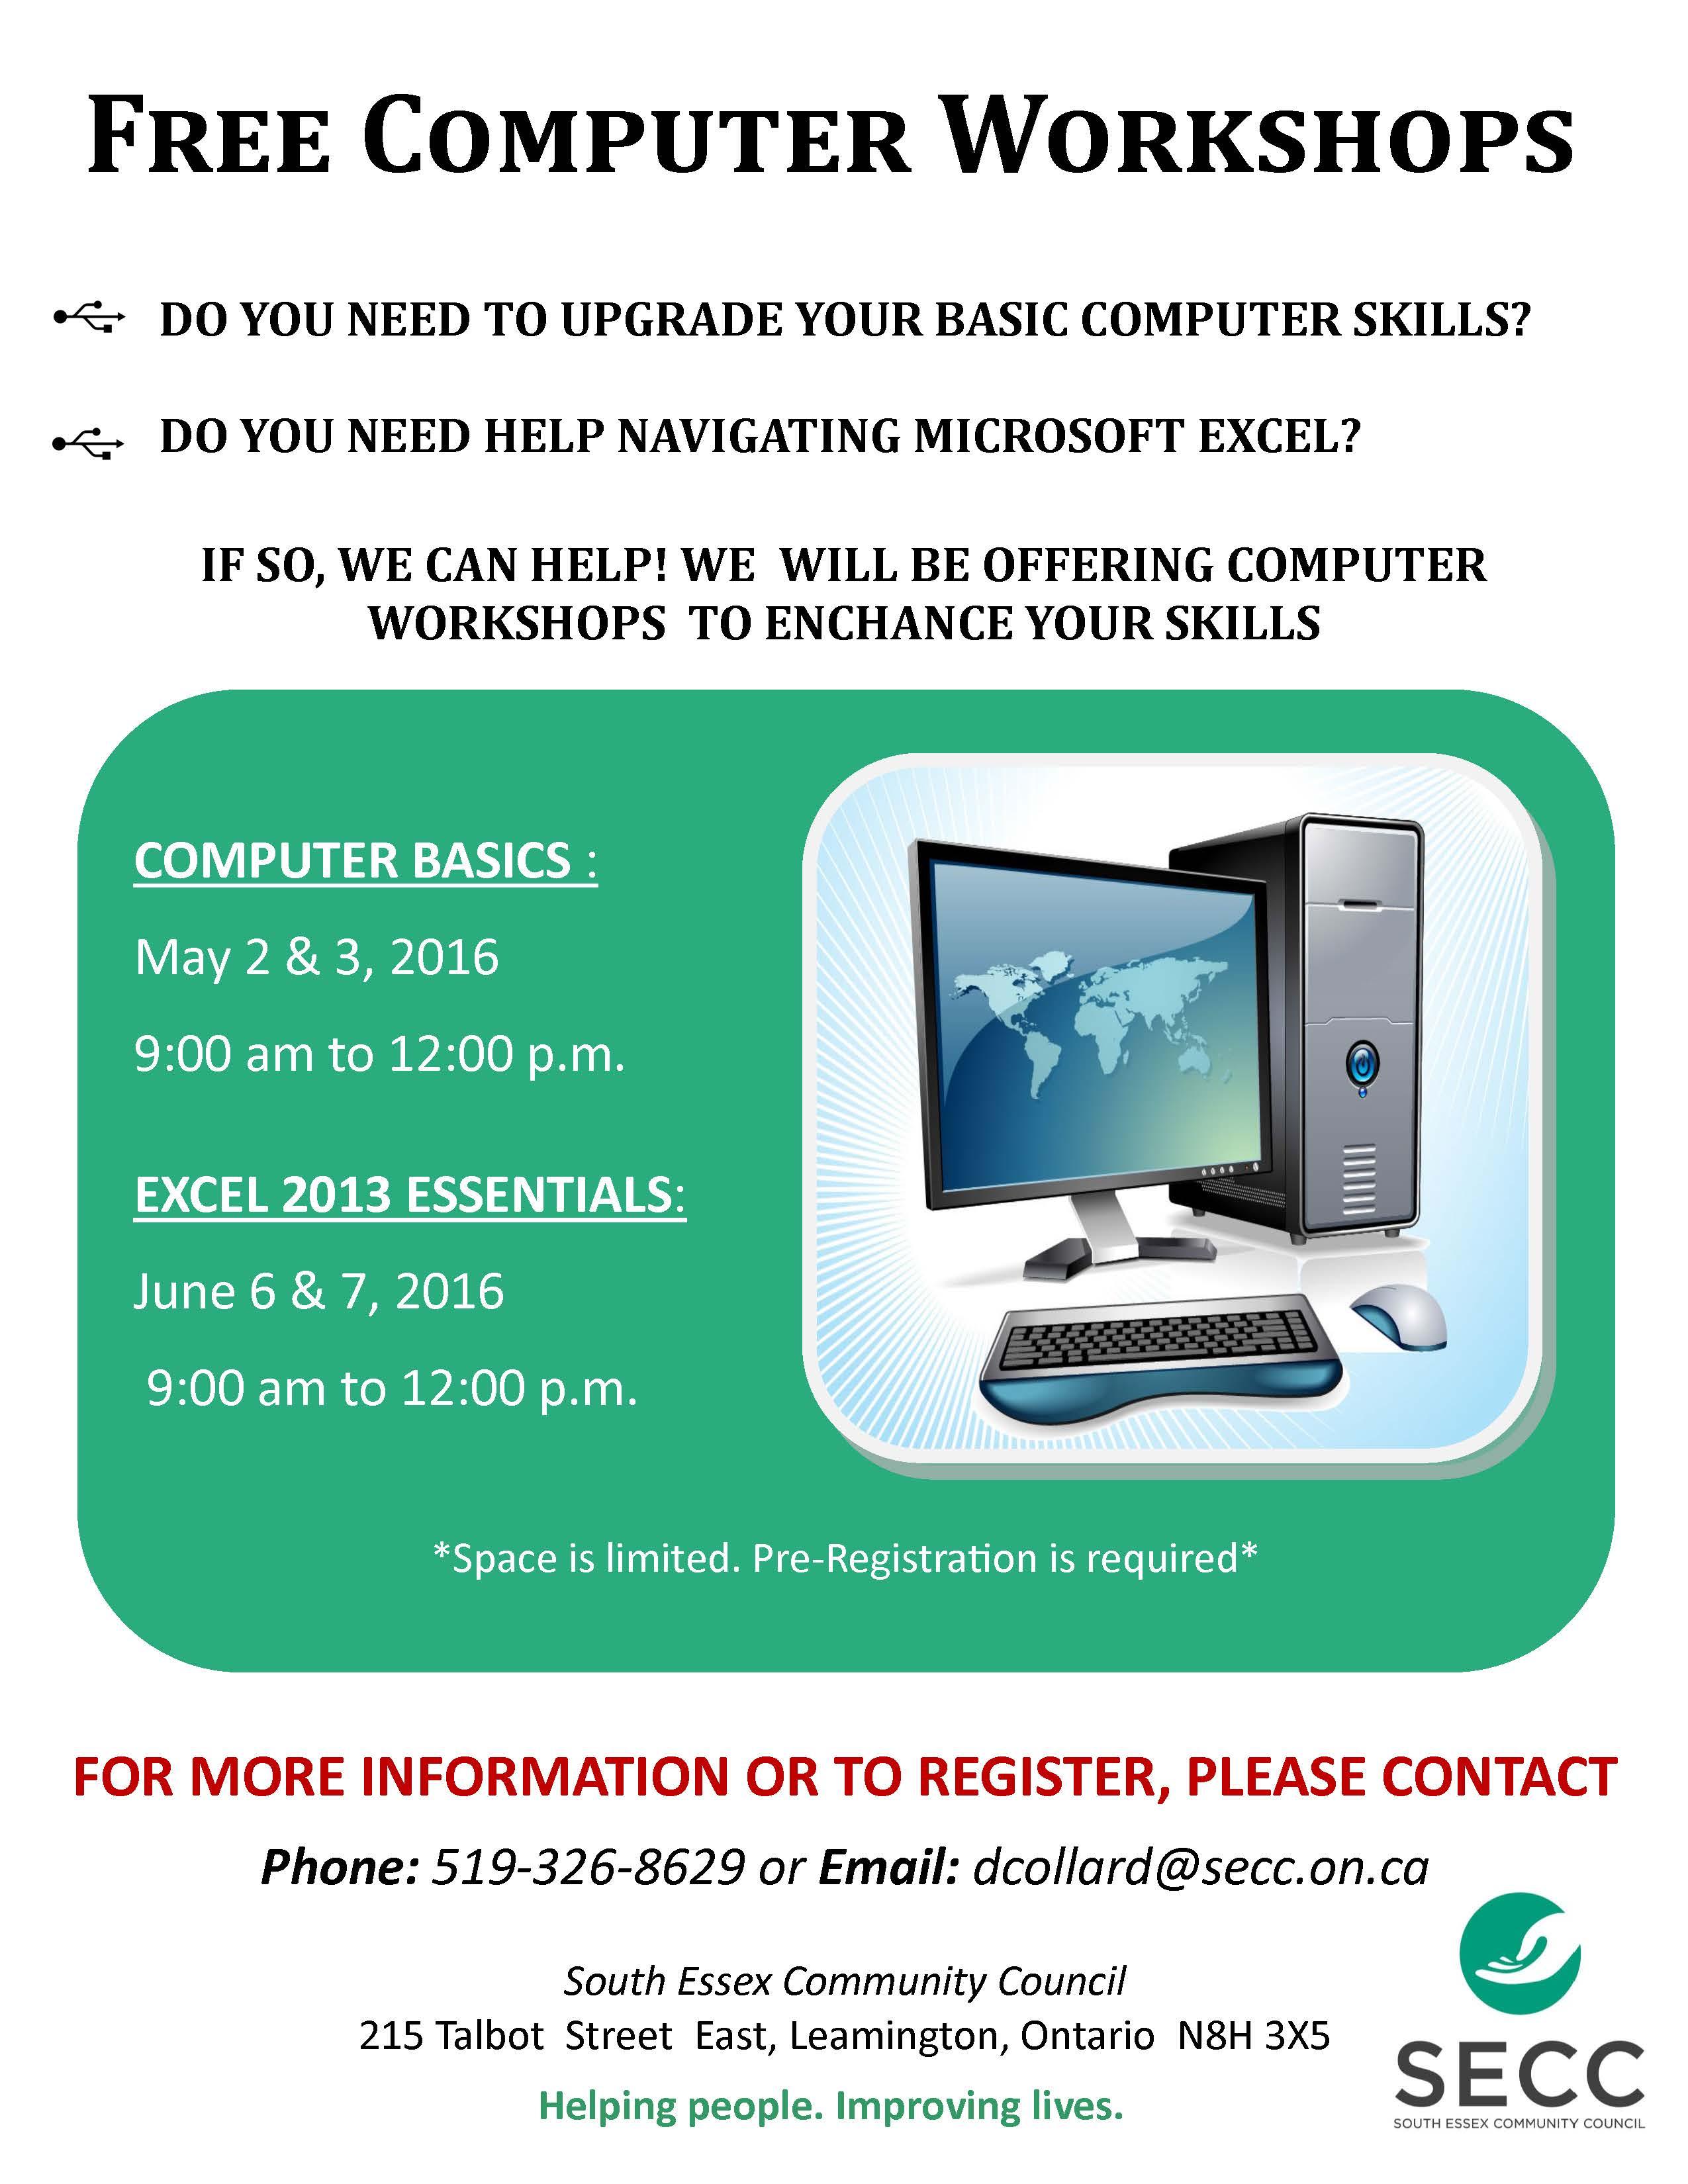 SECC Computer Workshops Poster